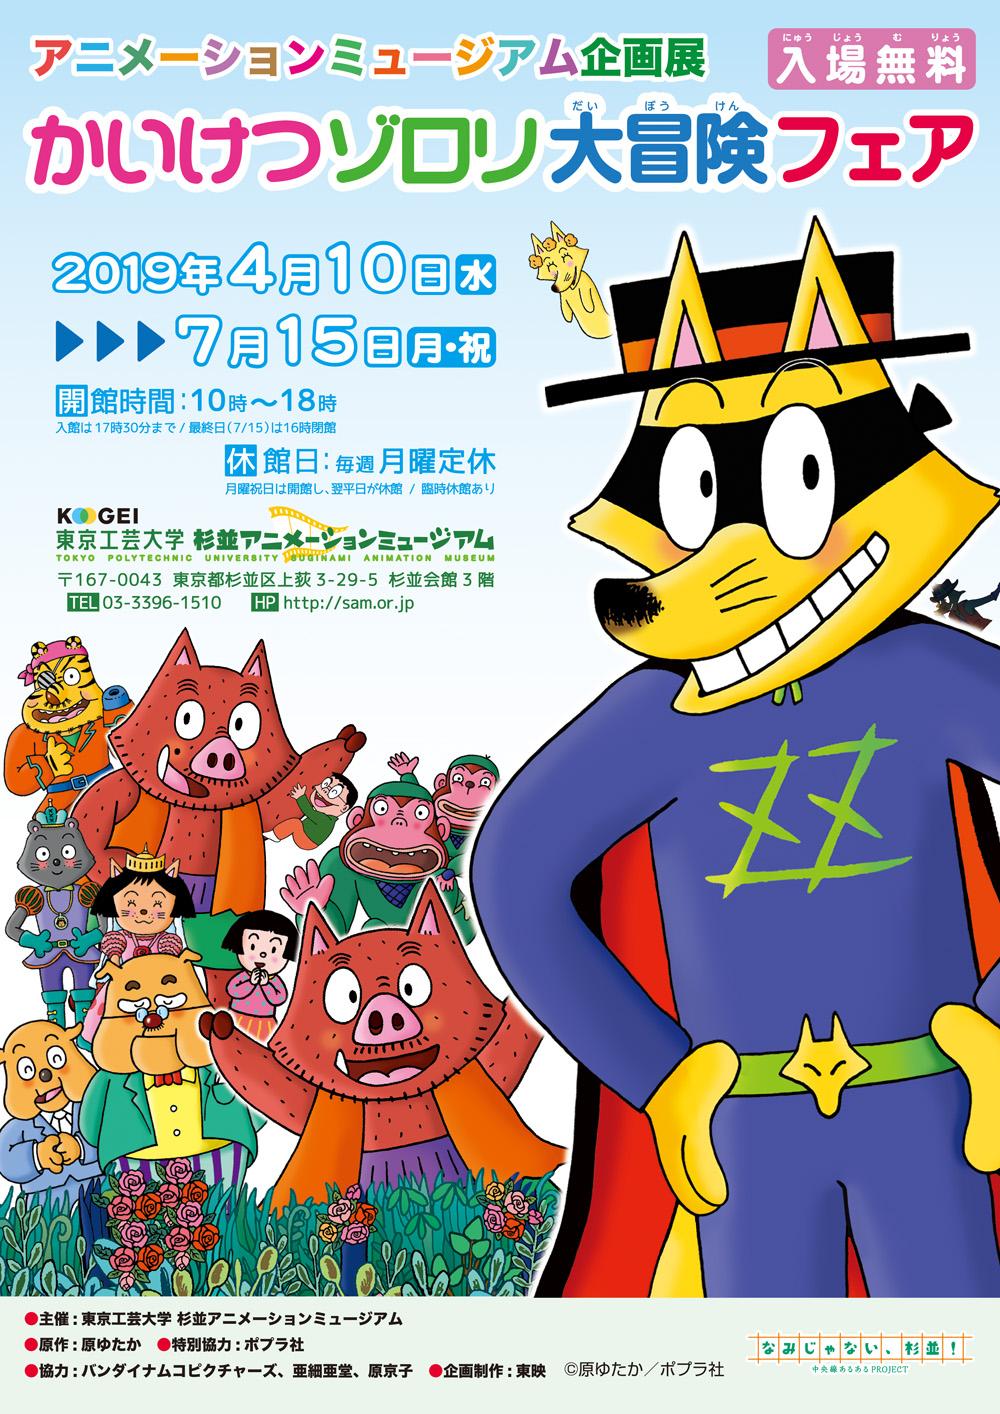 東京工芸大学 杉並アニメーションミュージアムにてイベント開催!